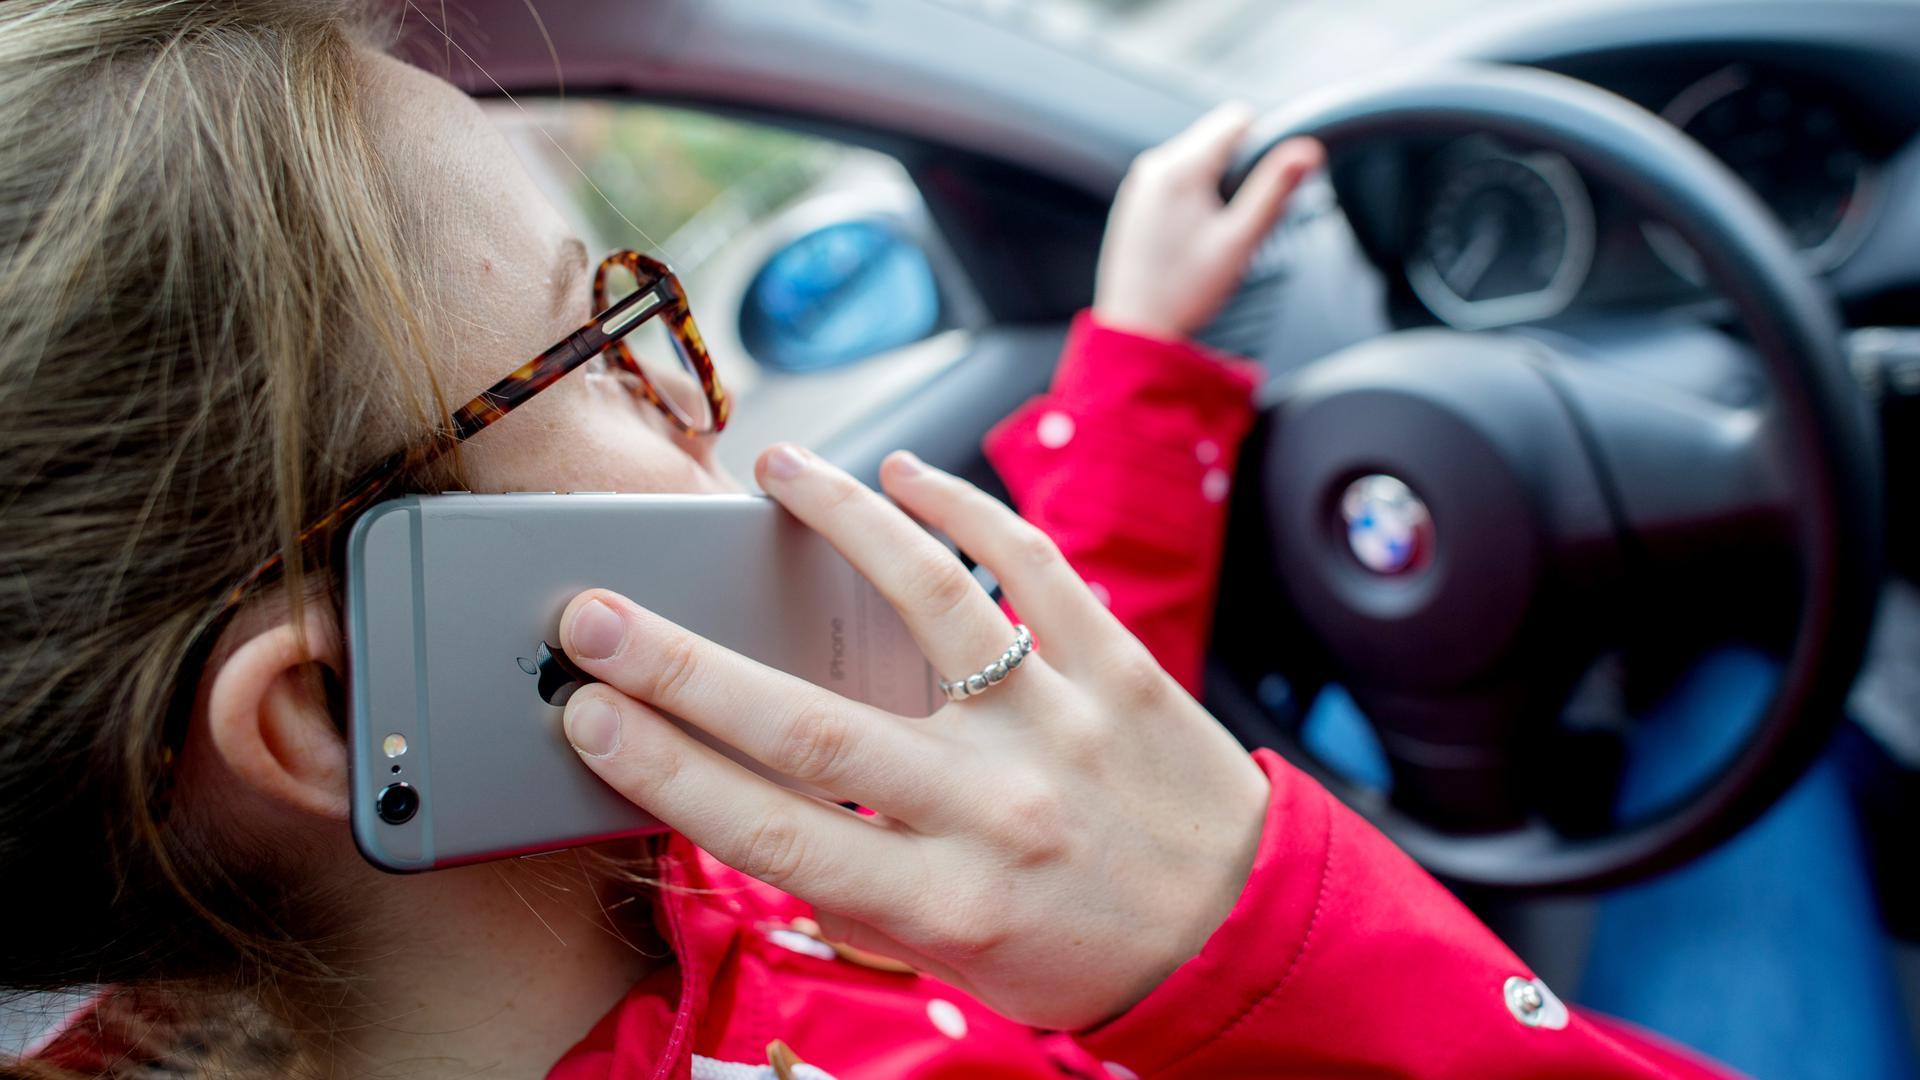 Eine junge Frau sitzt in einem Auto am Steuer und telefoniert mit ihrem Smartphone.